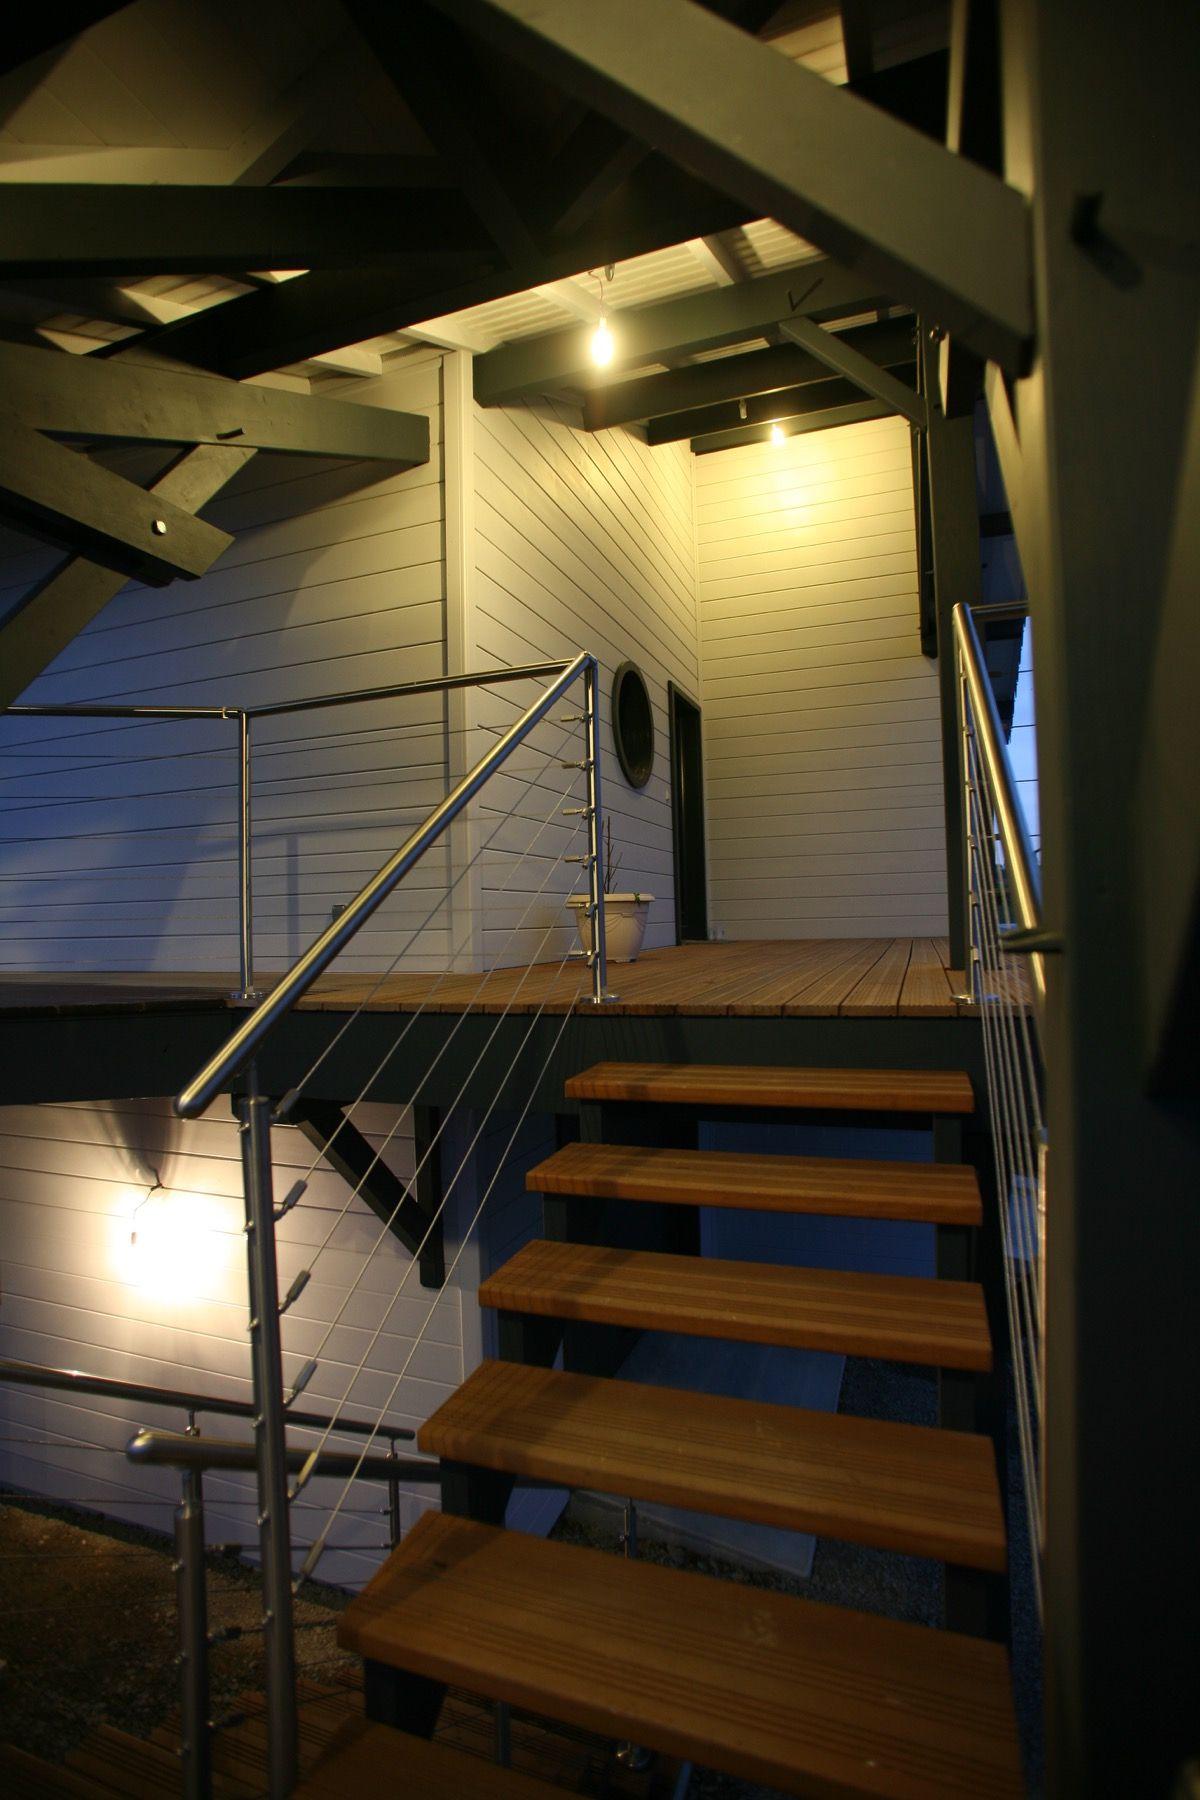 Escalier en bois extérieur